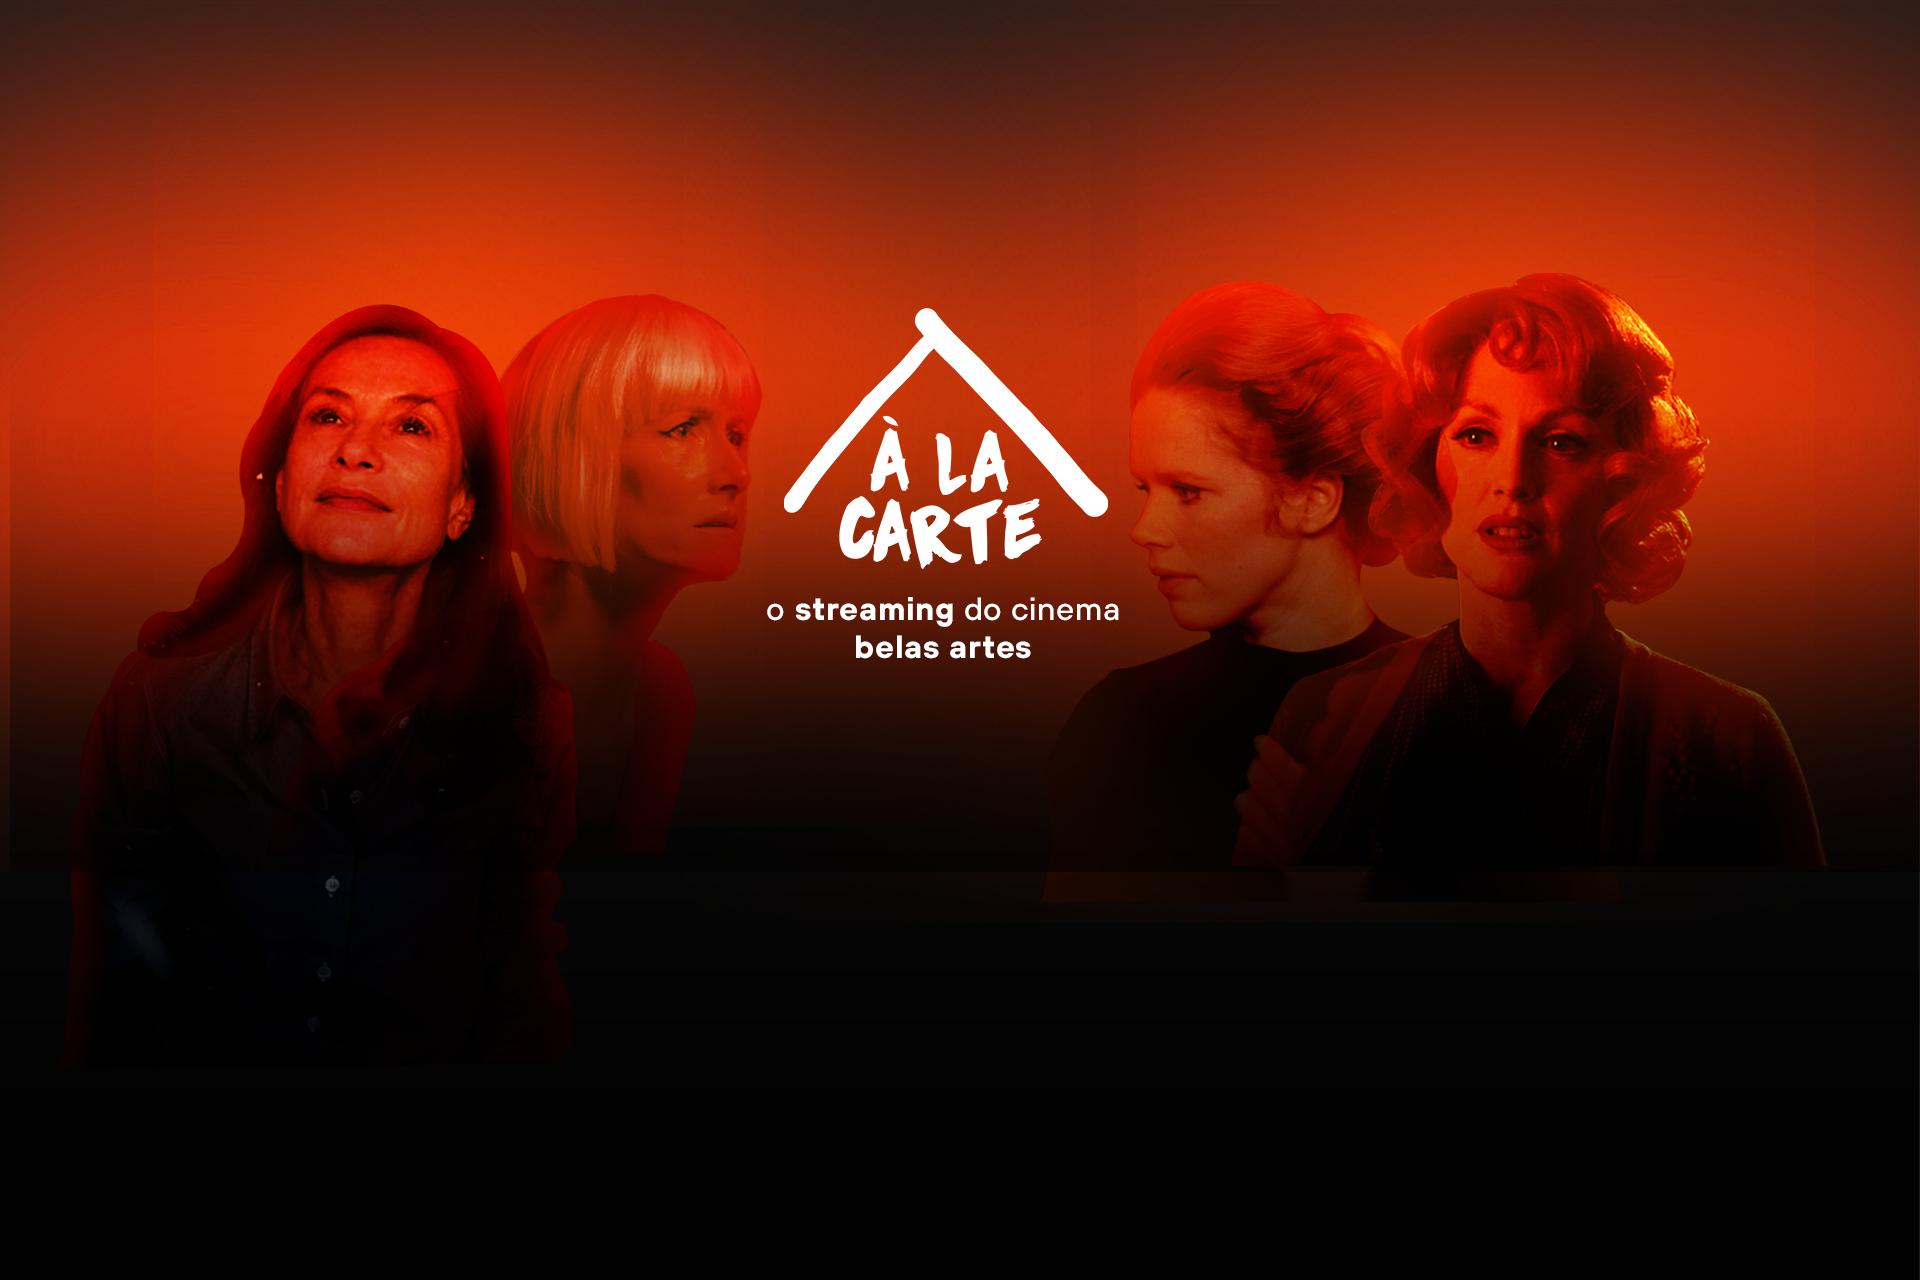 Banner de divulgação do Cine Belas Artes À LA CARTE